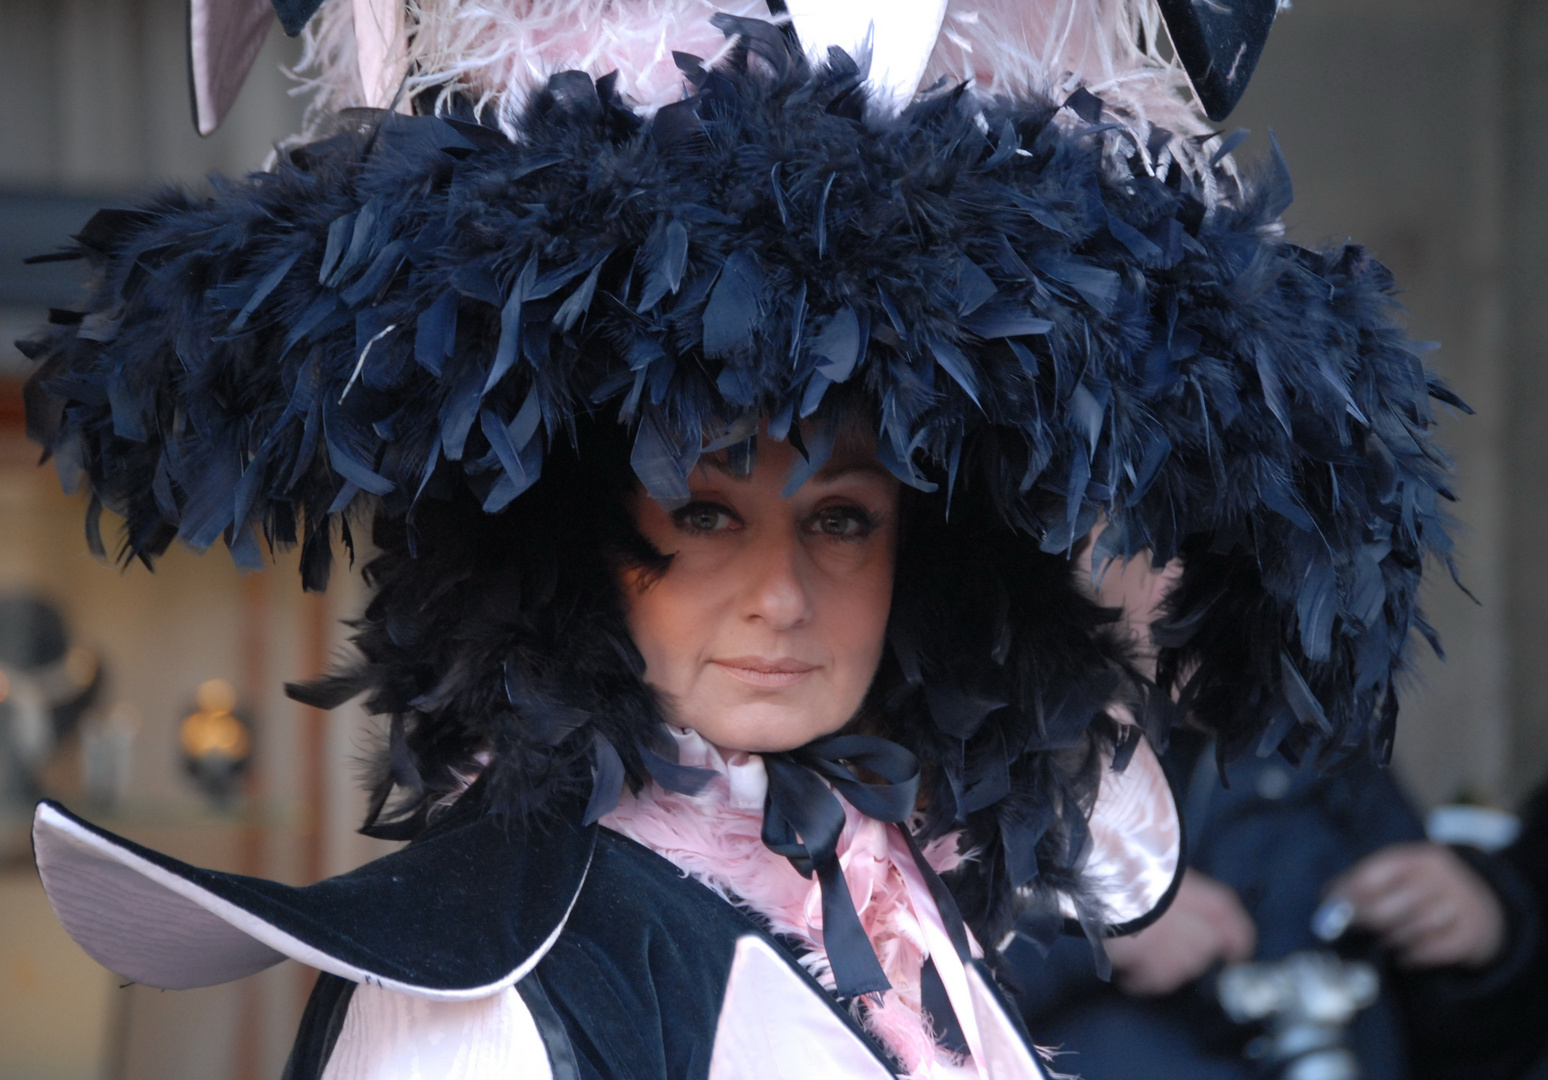 Carnevale di Venezia 2011 Uno guardo fuggitivo